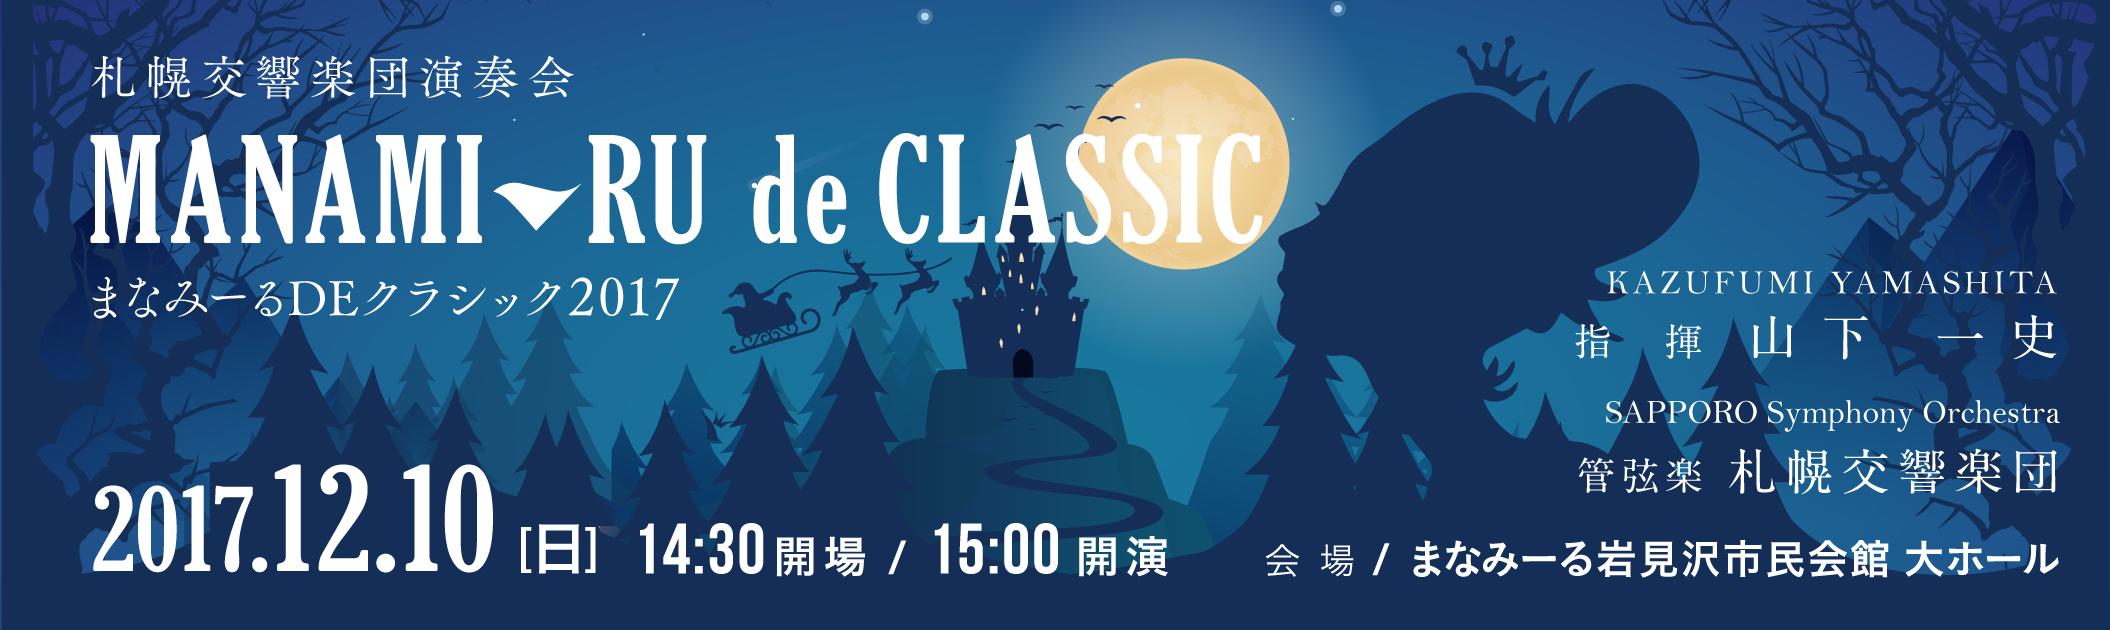 札幌交響楽団演奏会 まなみーるDEクラシック2017